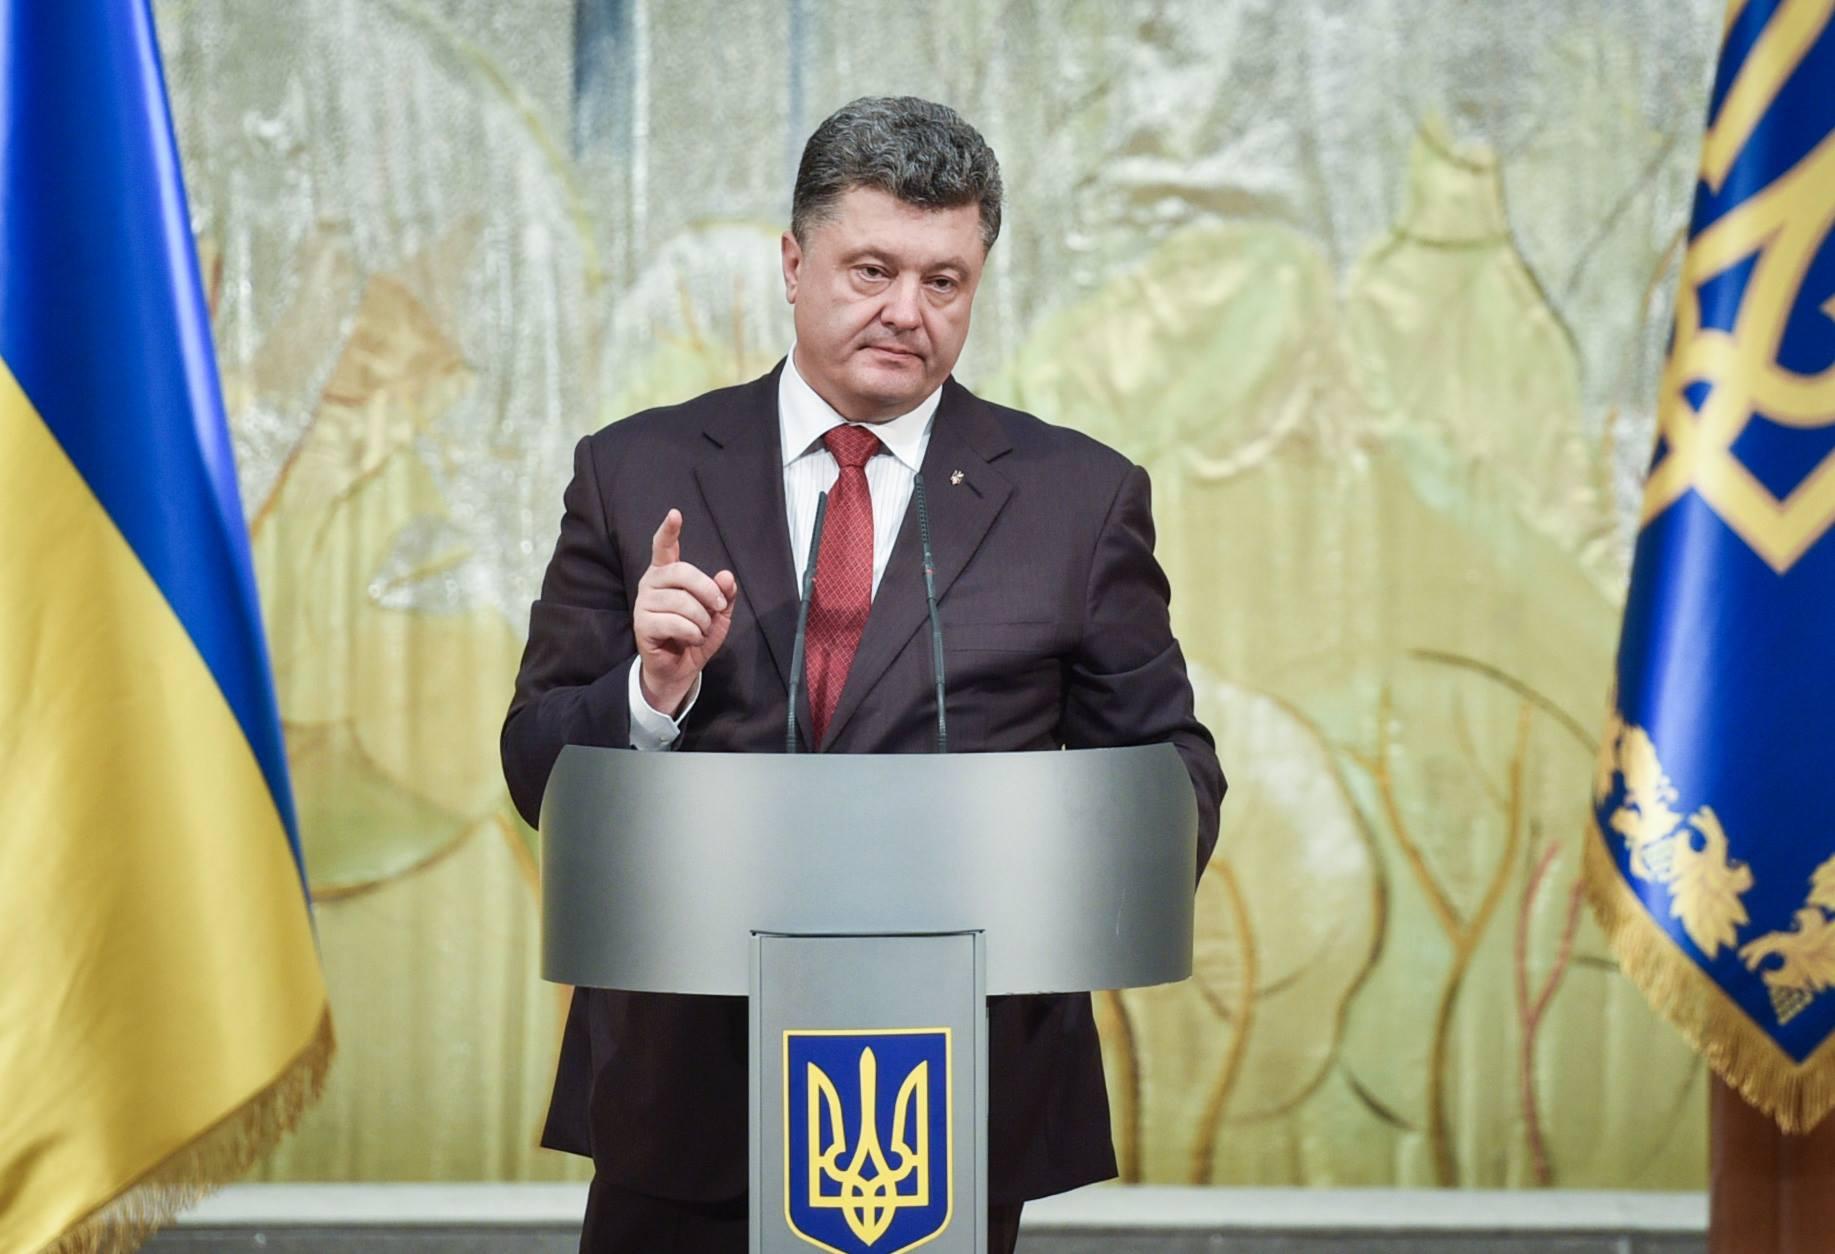 Порошенко считает полицейскую миссию ЕС наилучшим вариантом миротворцев